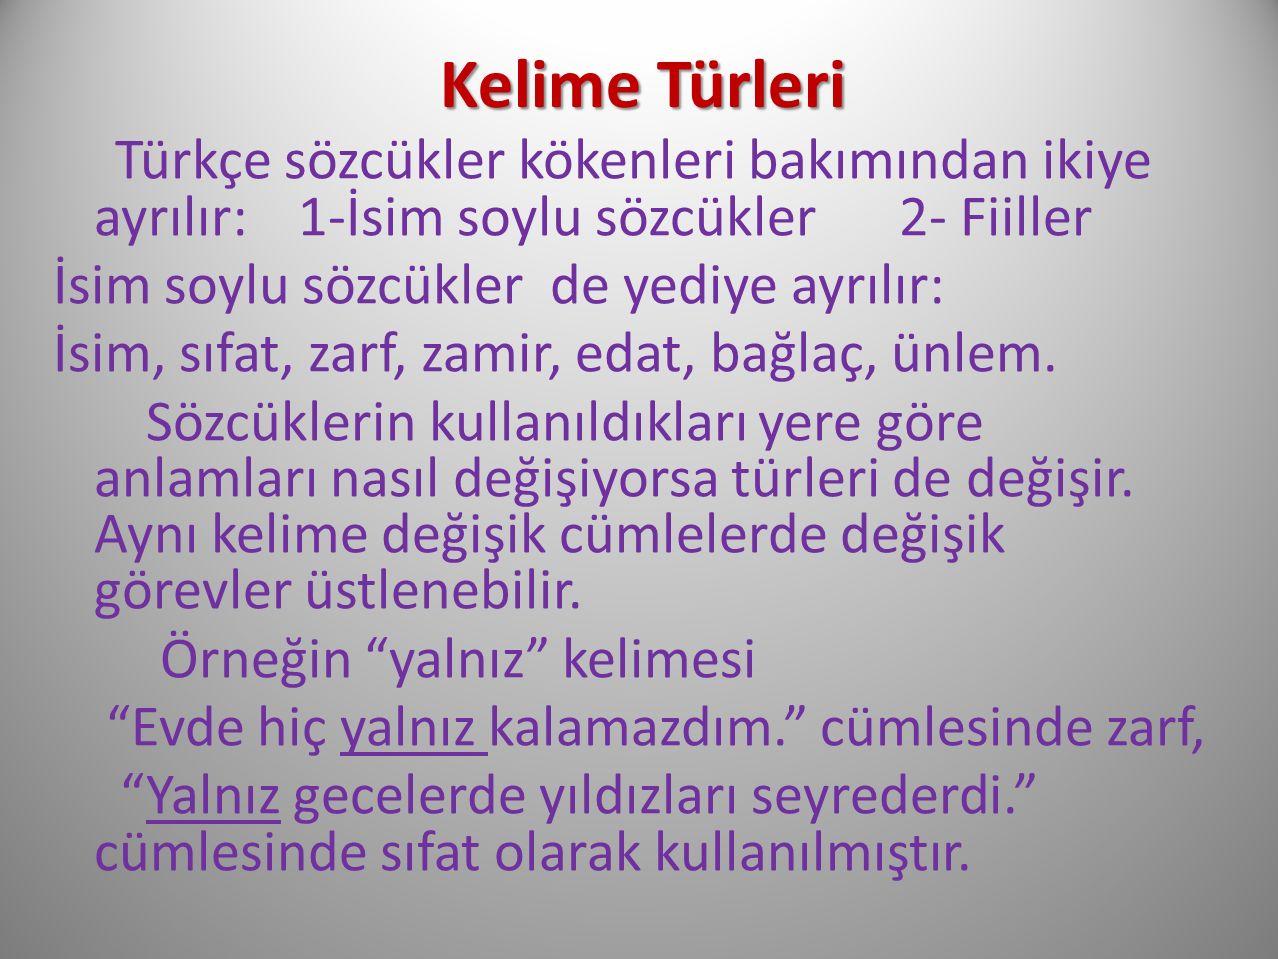 Kelime Türleri Türkçe sözcükler kökenleri bakımından ikiye ayrılır: 1-İsim soylu sözcükler 2- Fiiller İsim soylu sözcükler de yediye ayrılır: İsim, sı